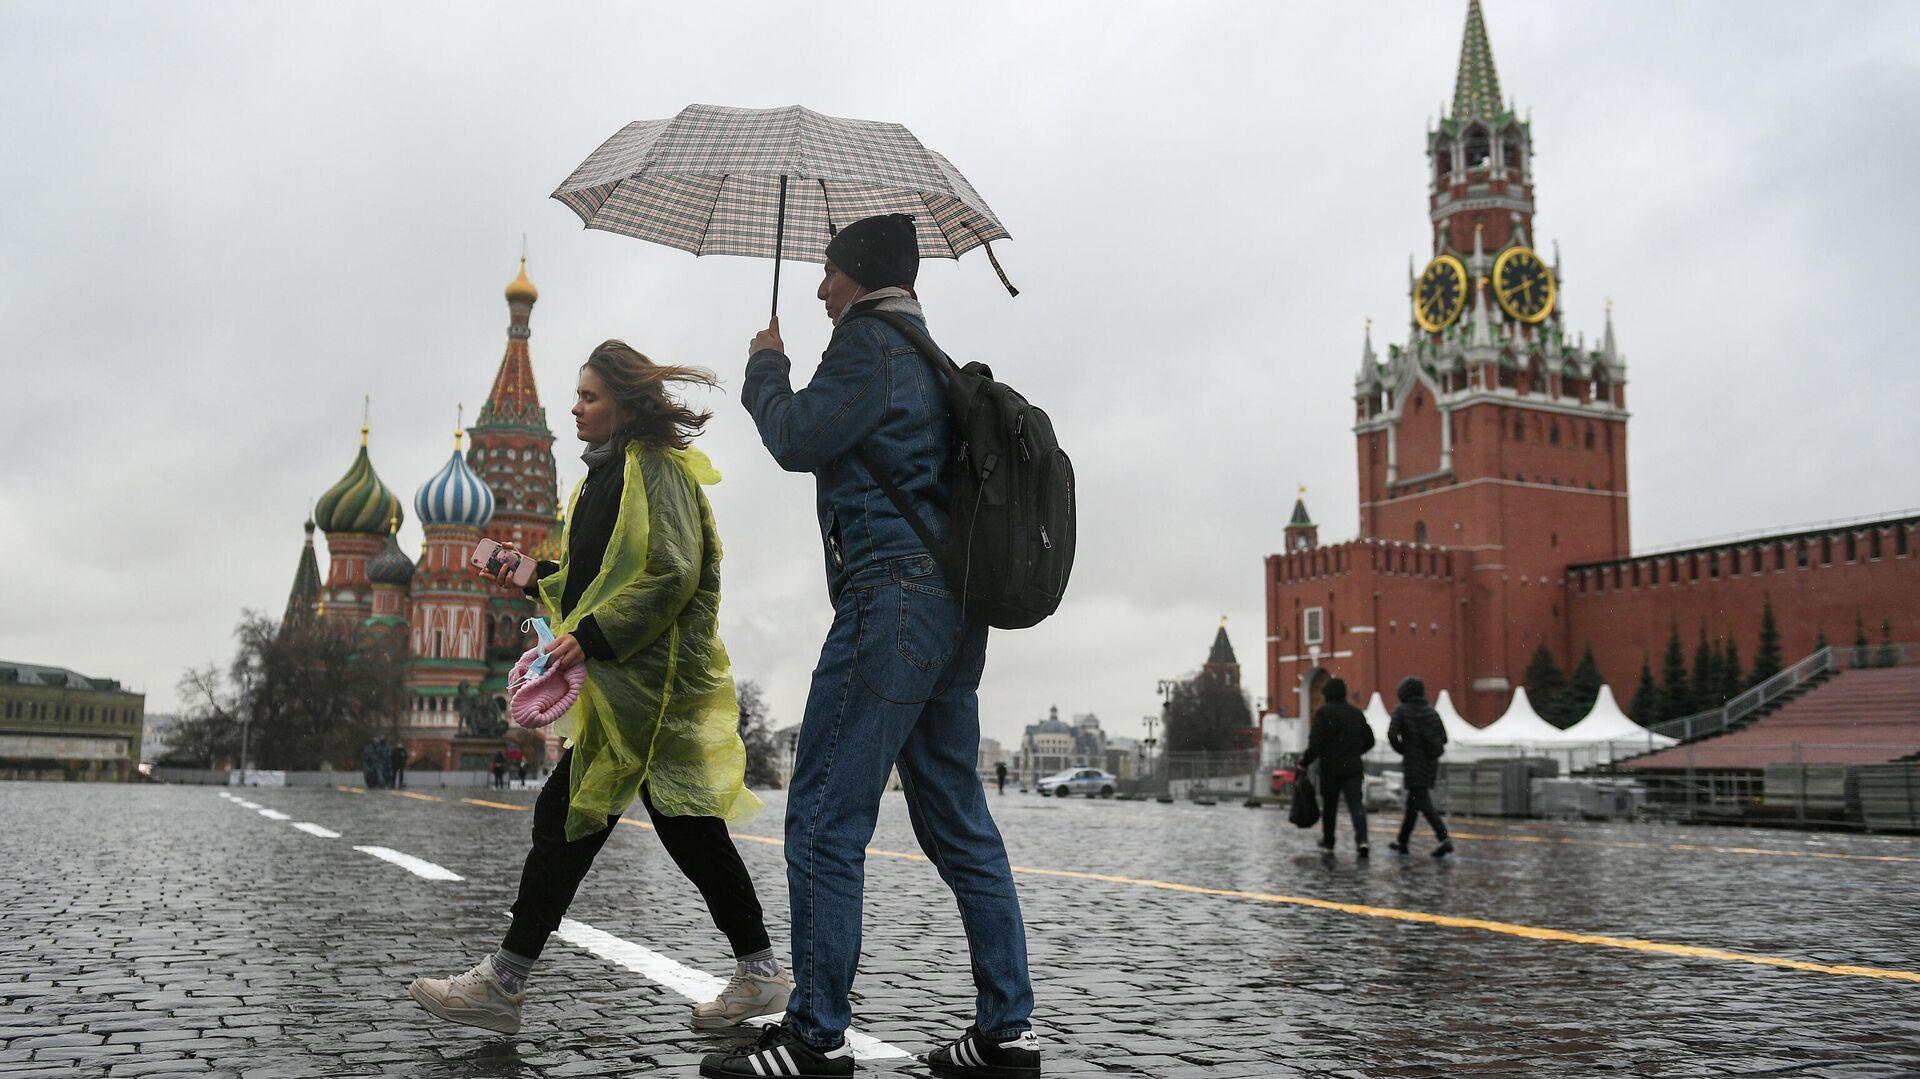 Дождь в Москве - РИА Новости, 1920, 11.06.2021